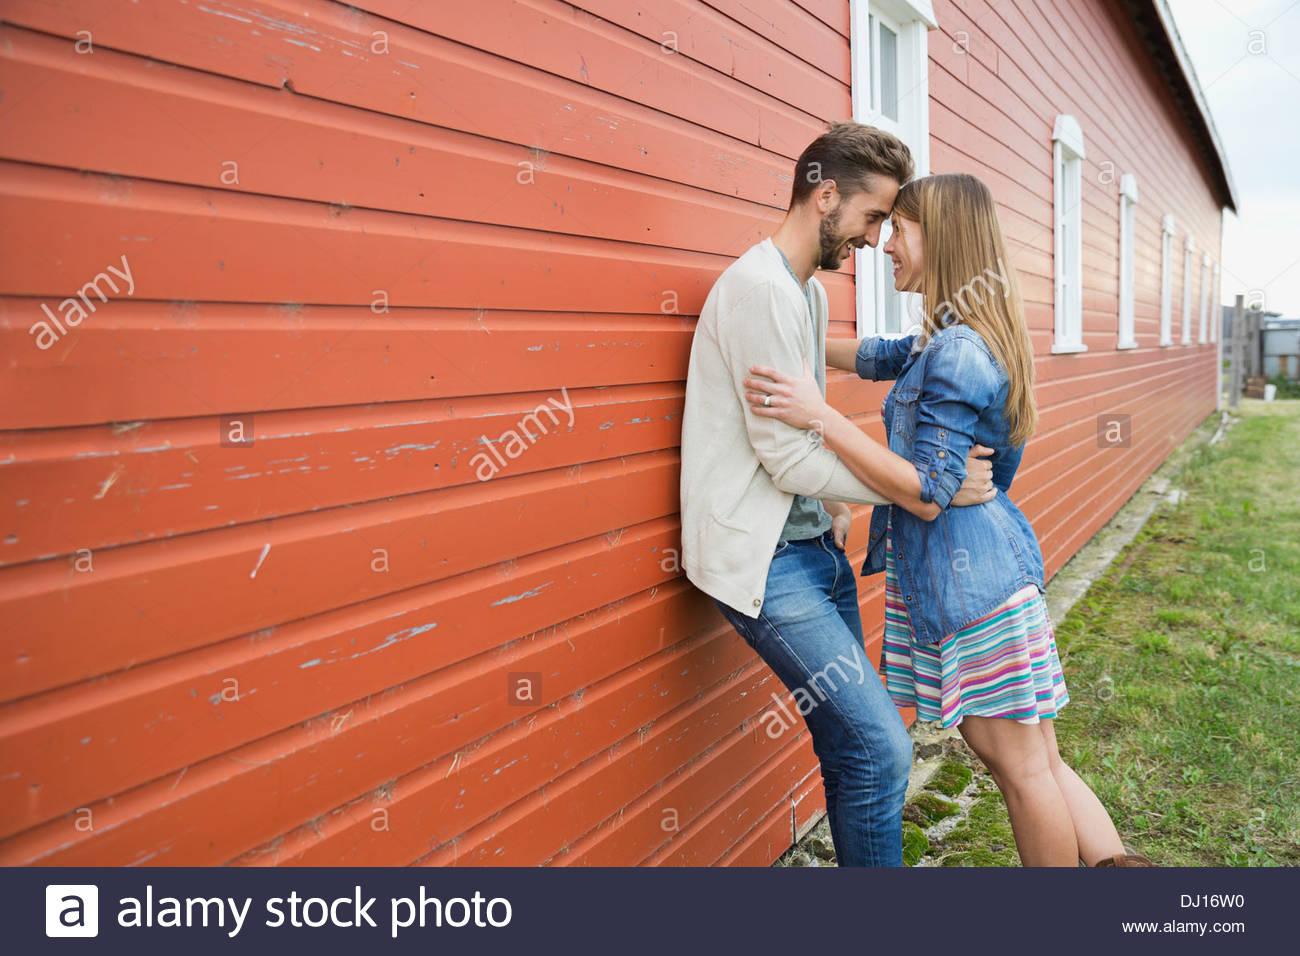 Vista laterale della coppia romantica in piedi contro il fienile Immagini Stock